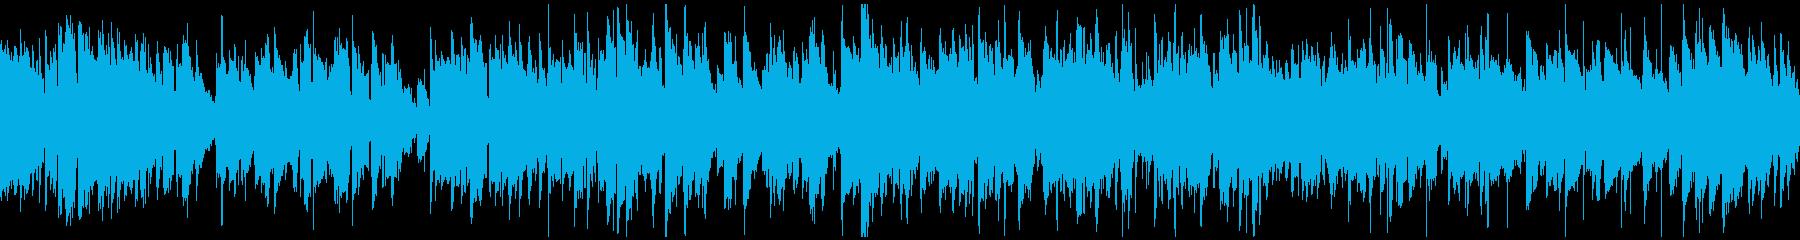 知性的で上品なジャズワルツ ※ループ版の再生済みの波形